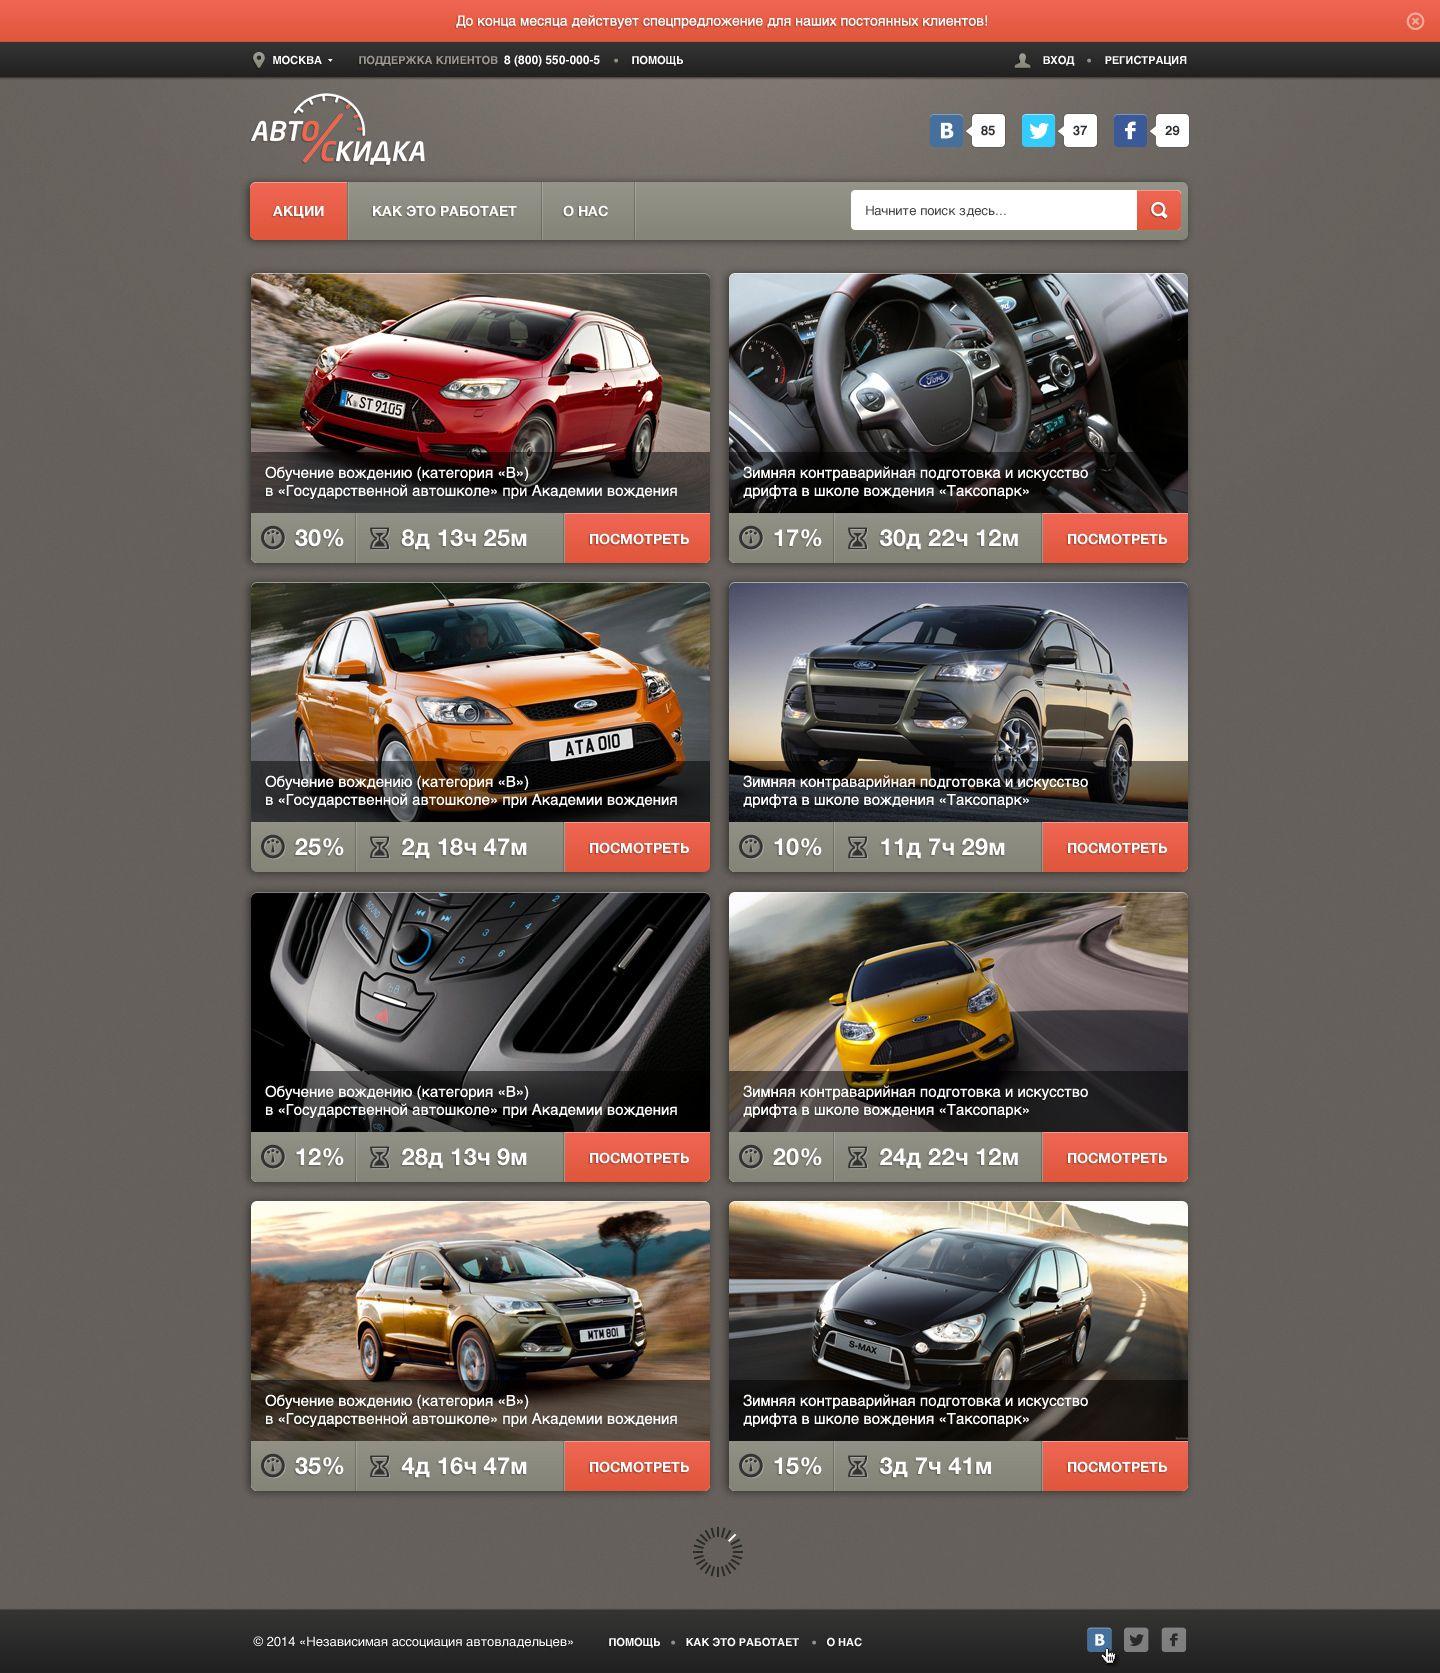 Дизайн сайта со скидками для автовладельцев - дизайнер ruslanstepanov